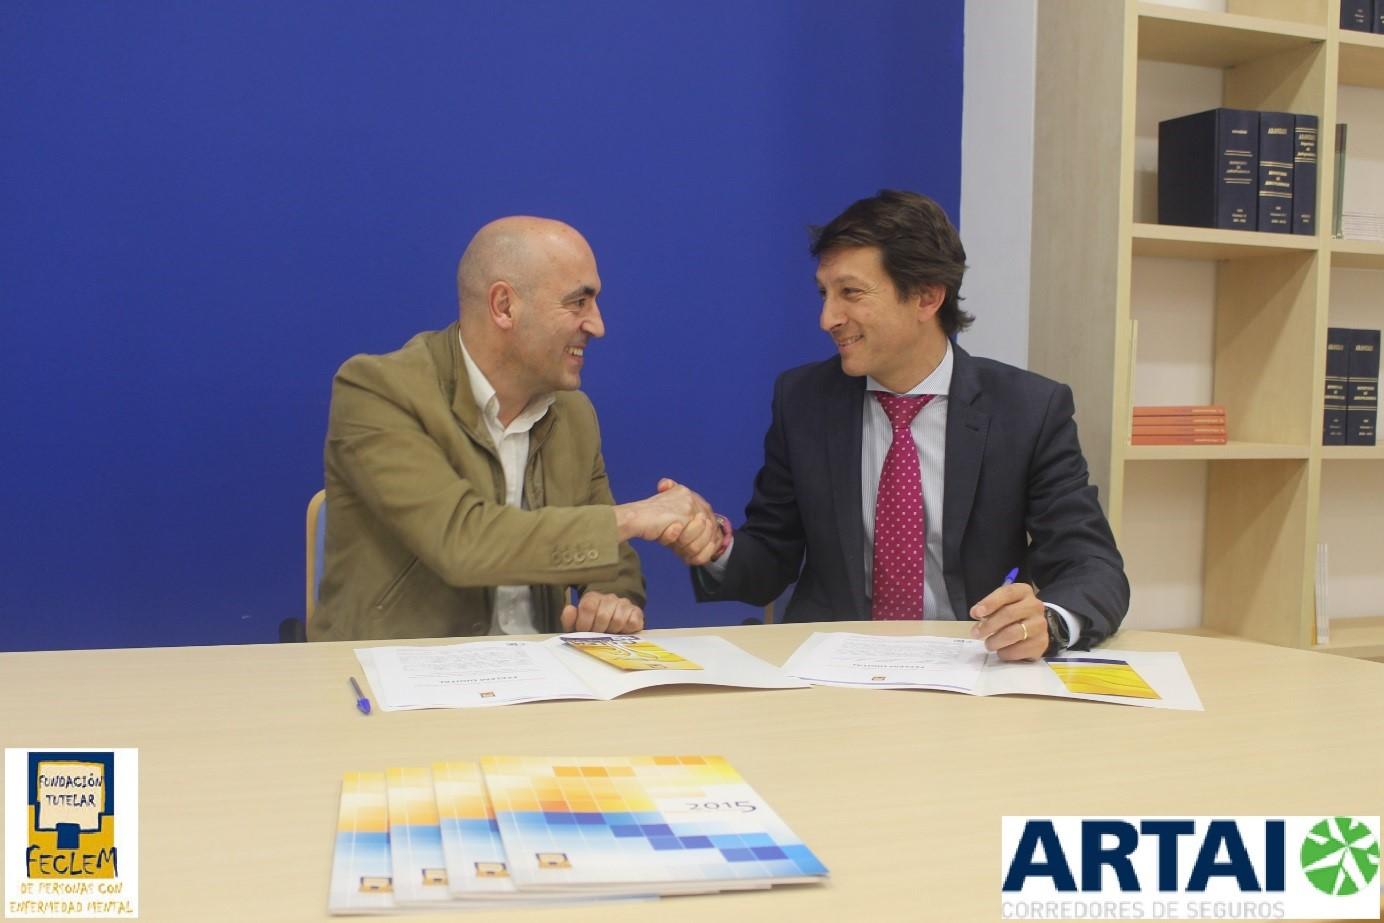 Artai renueva su convenio con Fundación Tutelar Feclem